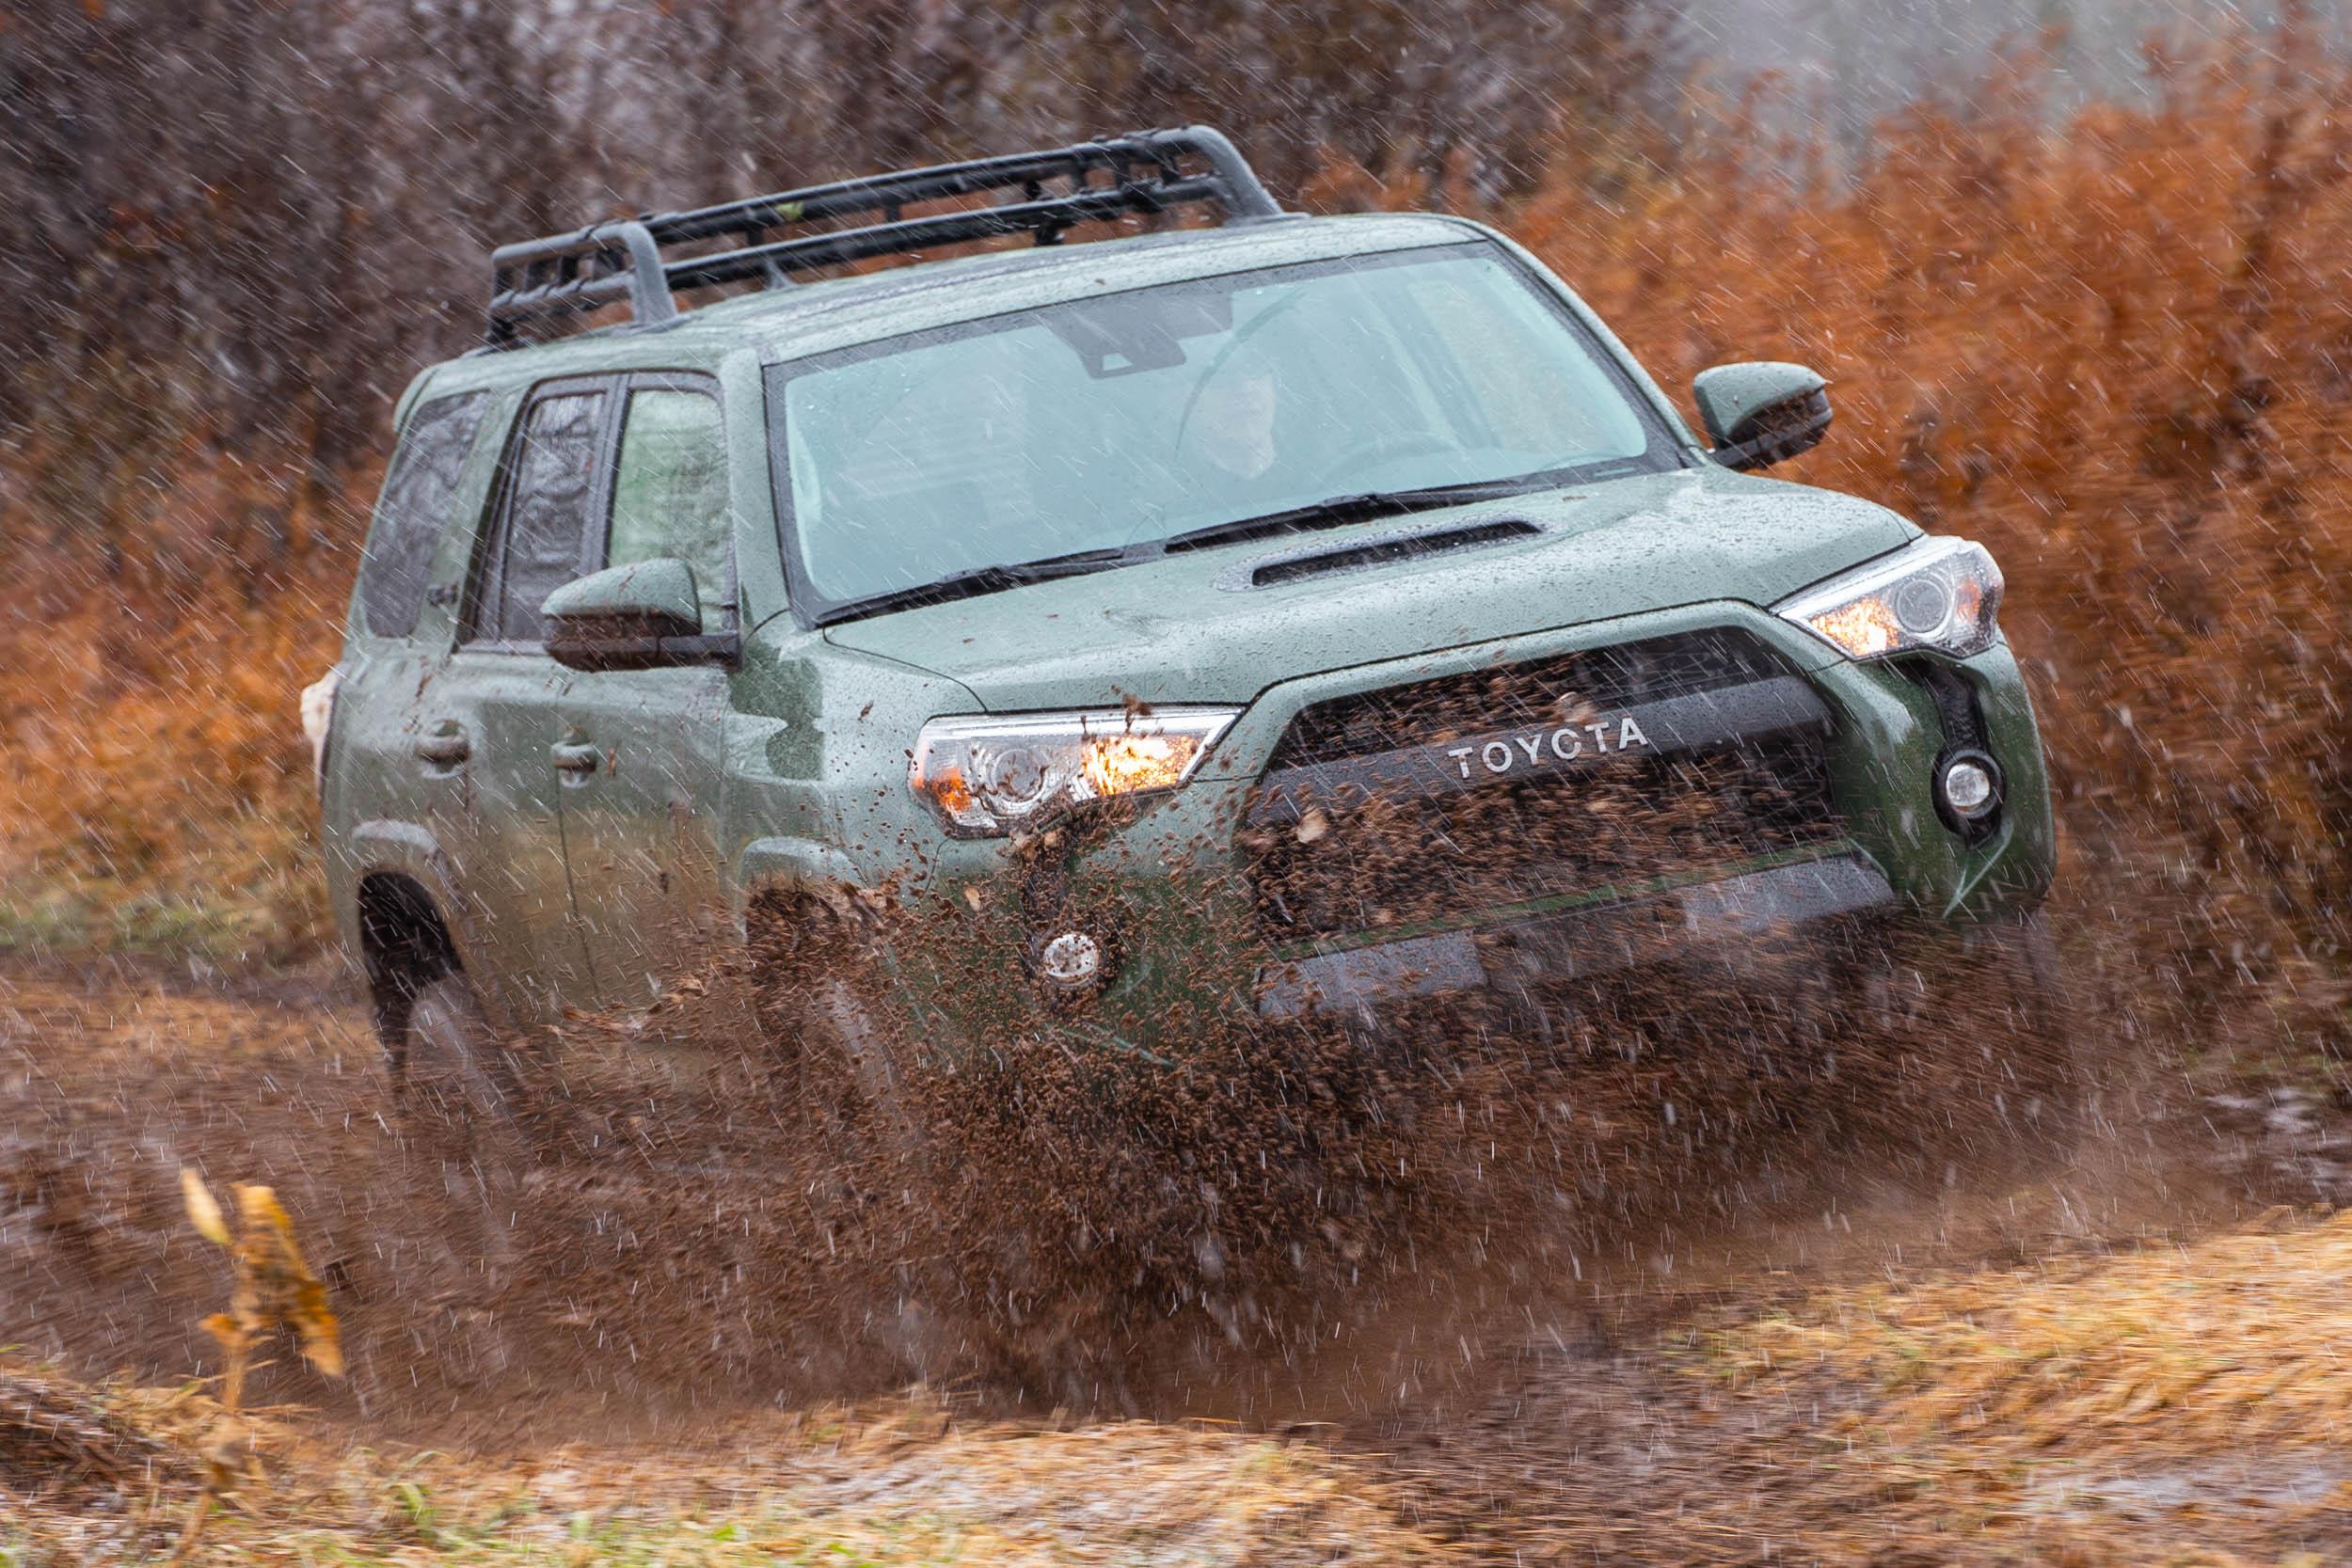 2020 Toyota 4Runner Mudding